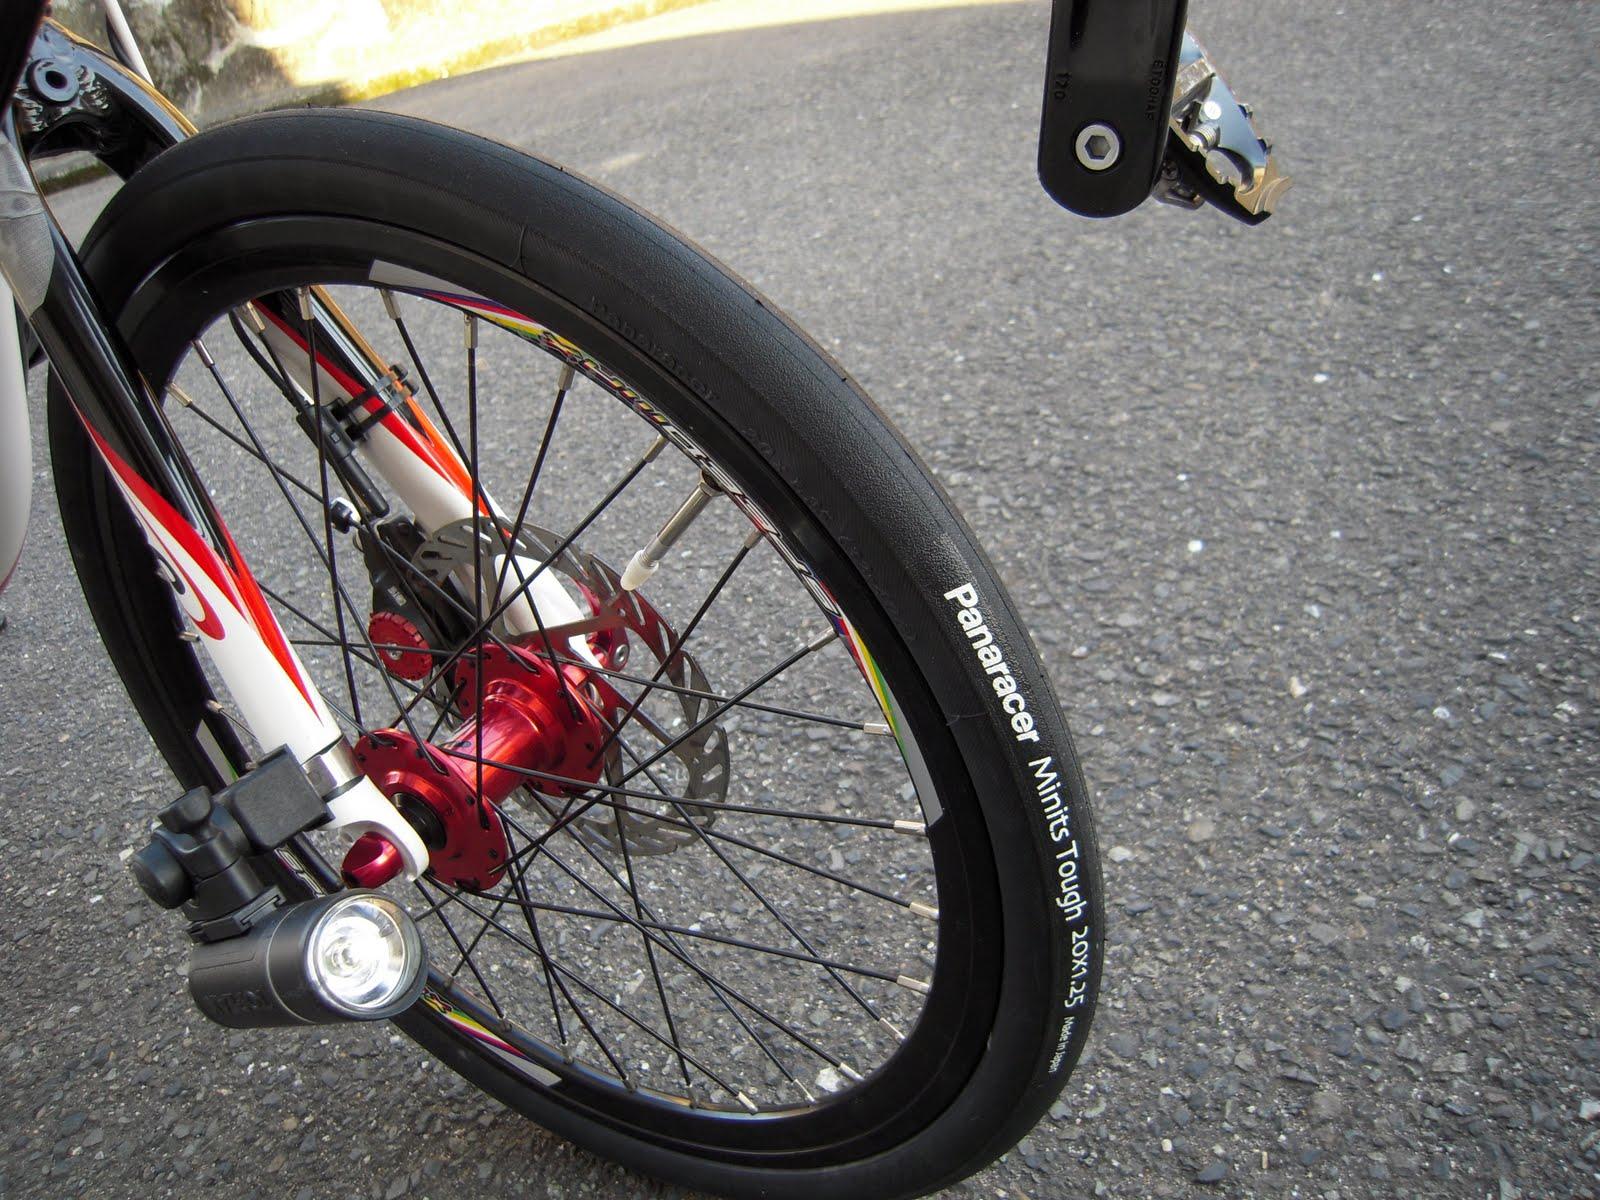 ... 日起: 自転車のタイヤ交換2